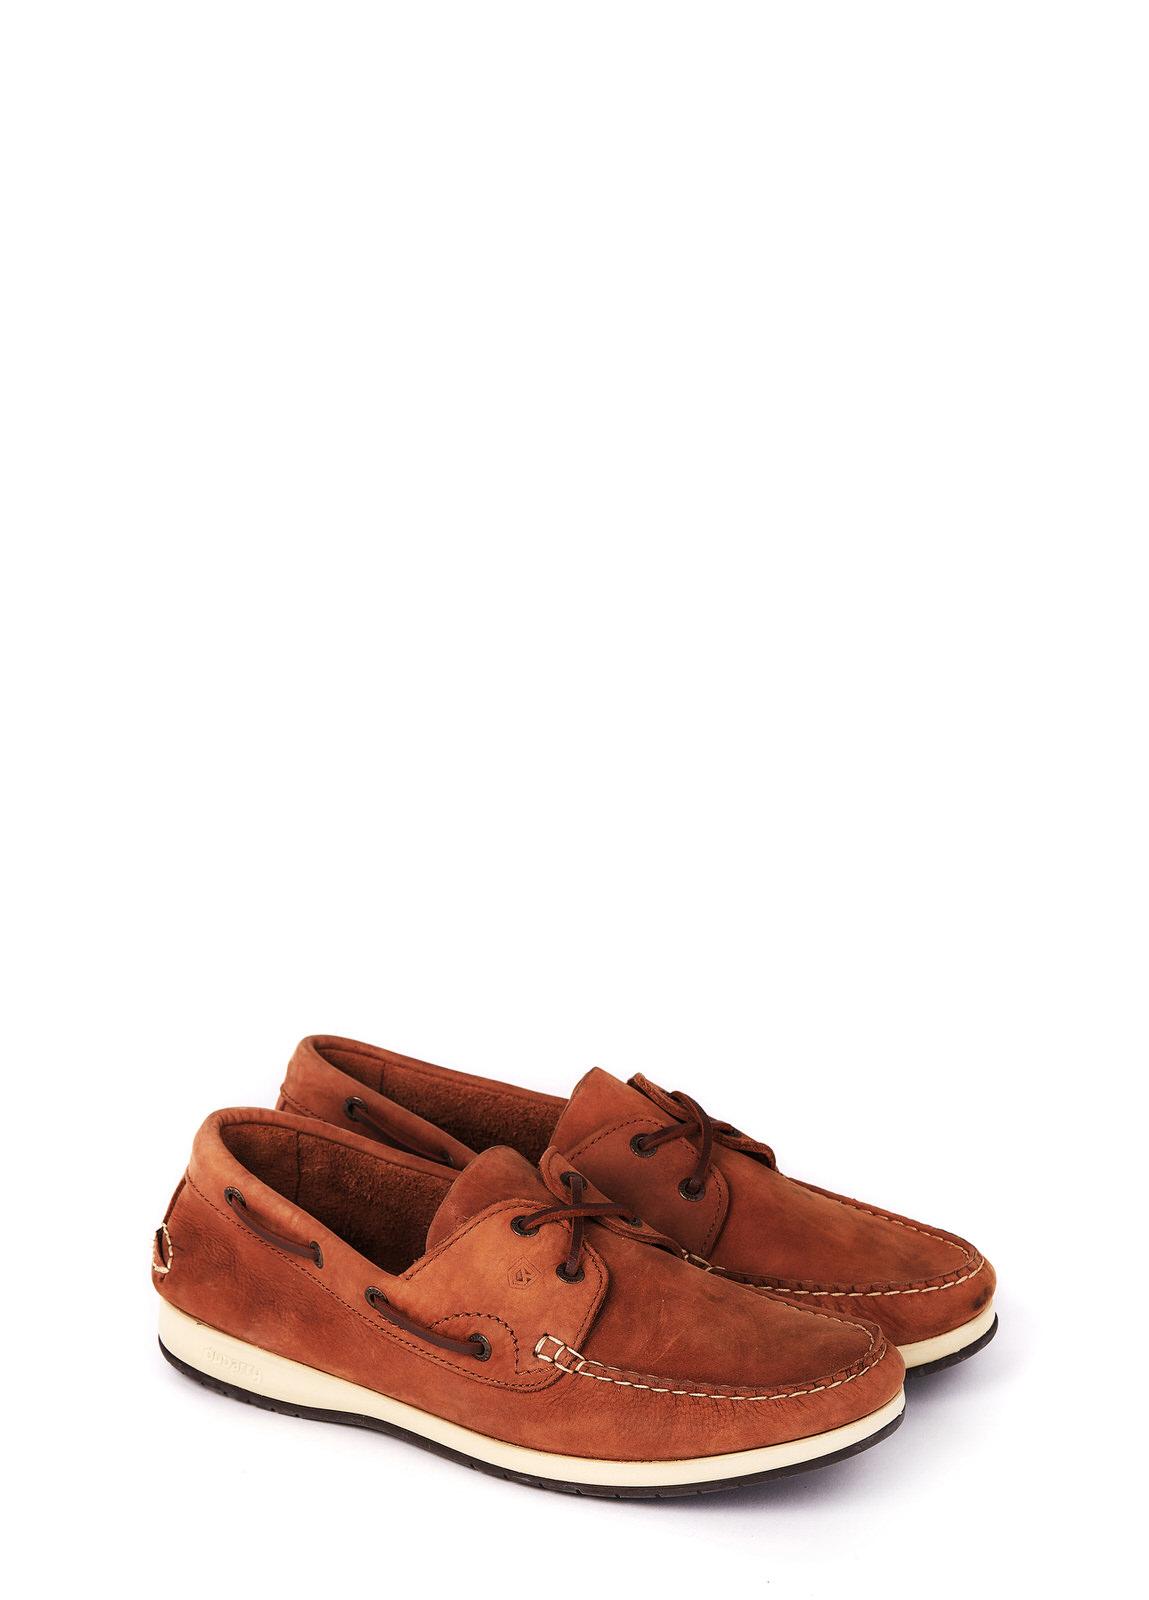 Dubarry_Pacific X LT Deck Shoe - Chestnut_Image_1